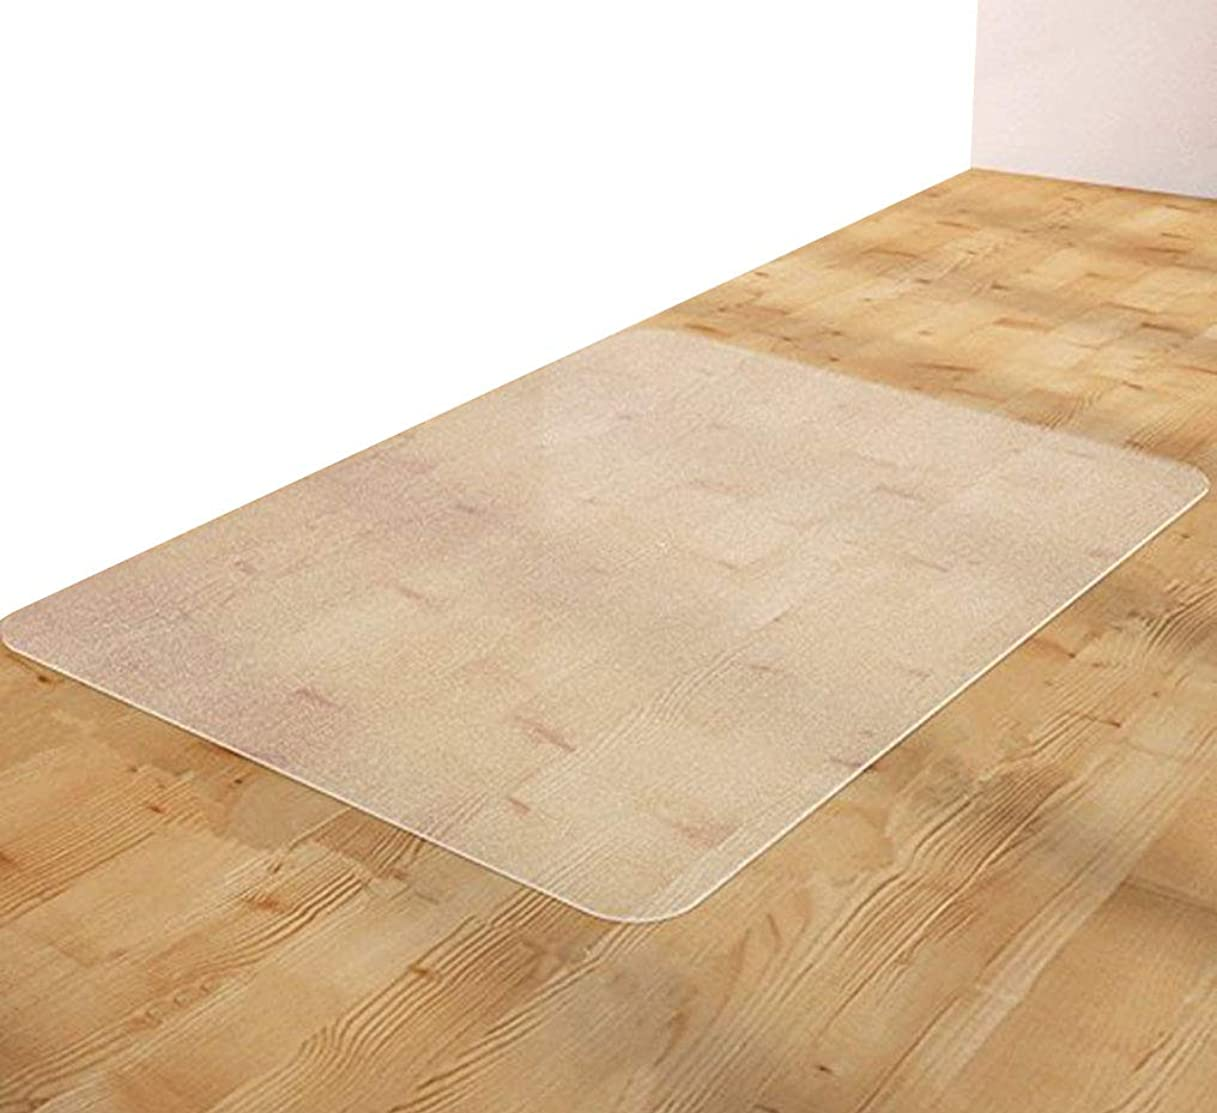 受け入れ音声学疾患EGROON PVC製 ホーム チェアマット ラグ カーペット マット 長方形 厚さ2mm 半透明 床保護マット チェアマット 汚れ防止 お手入れ簡単 撥水 耐久